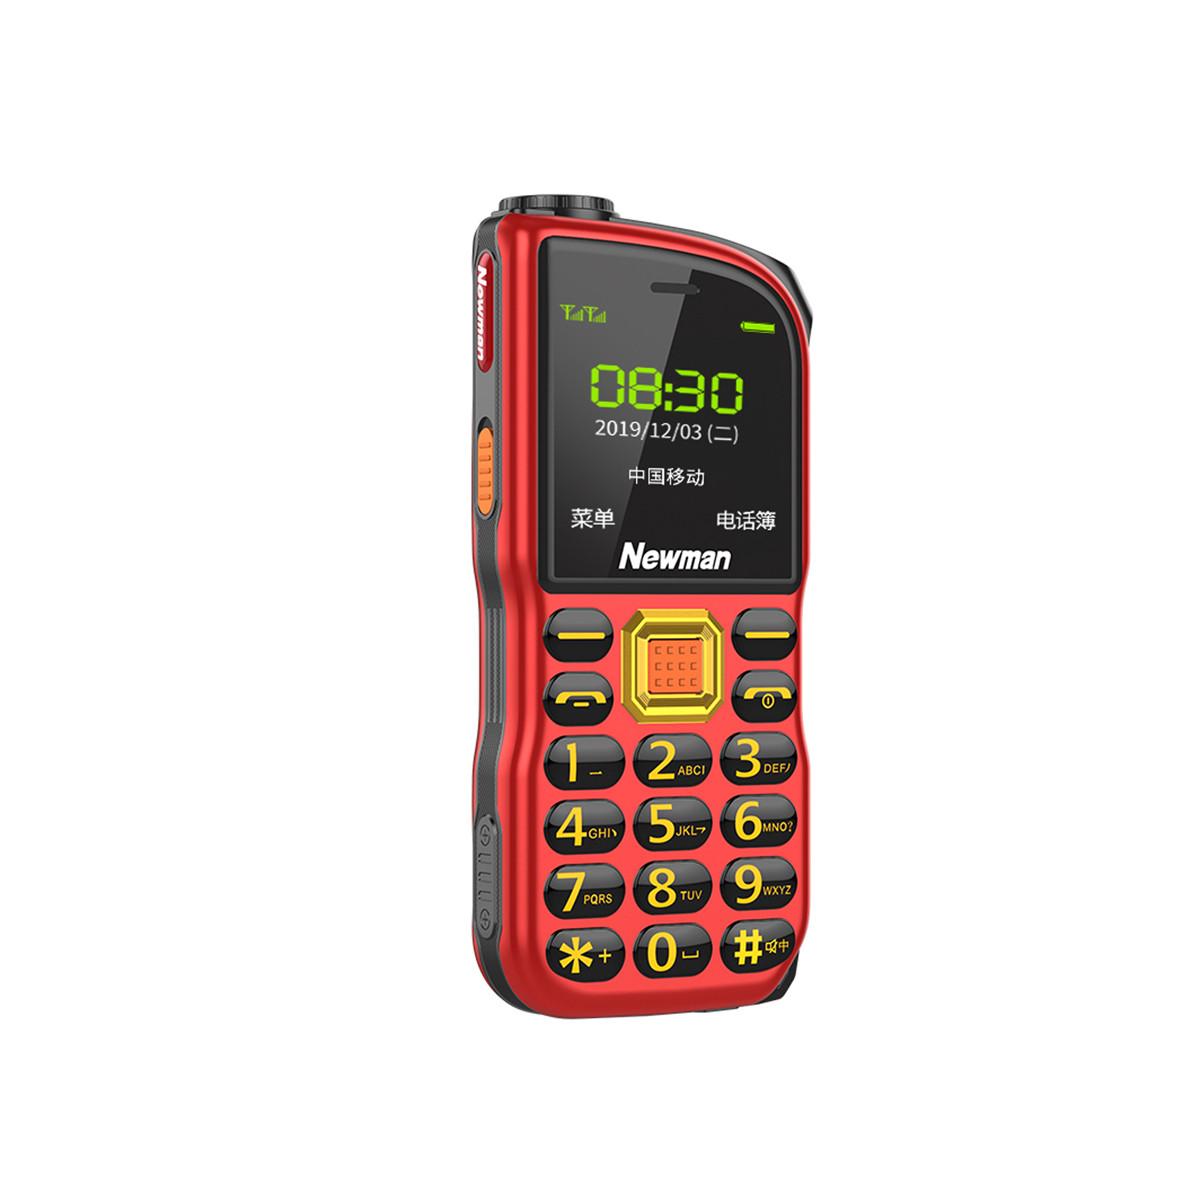 纽曼R21三防老人手机超长待机全网通4G一键拨号老年手机R21红色